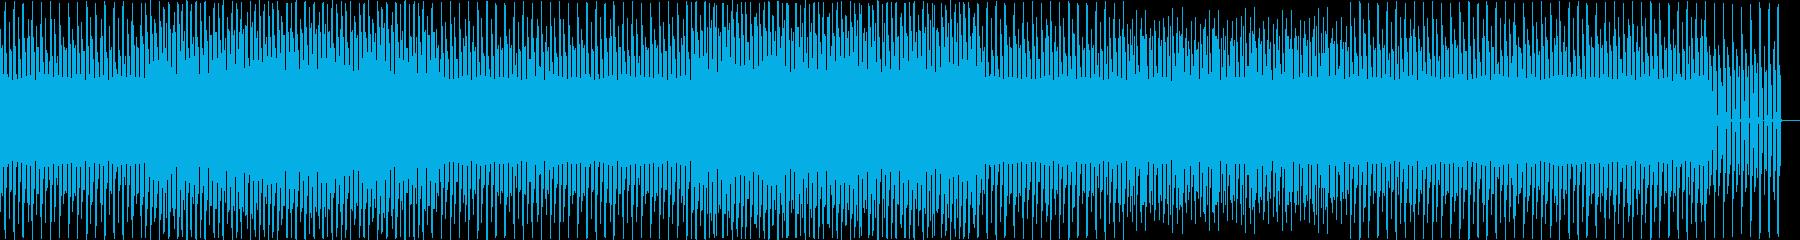 自分の中のQ&Aに問いかける曲ですの再生済みの波形